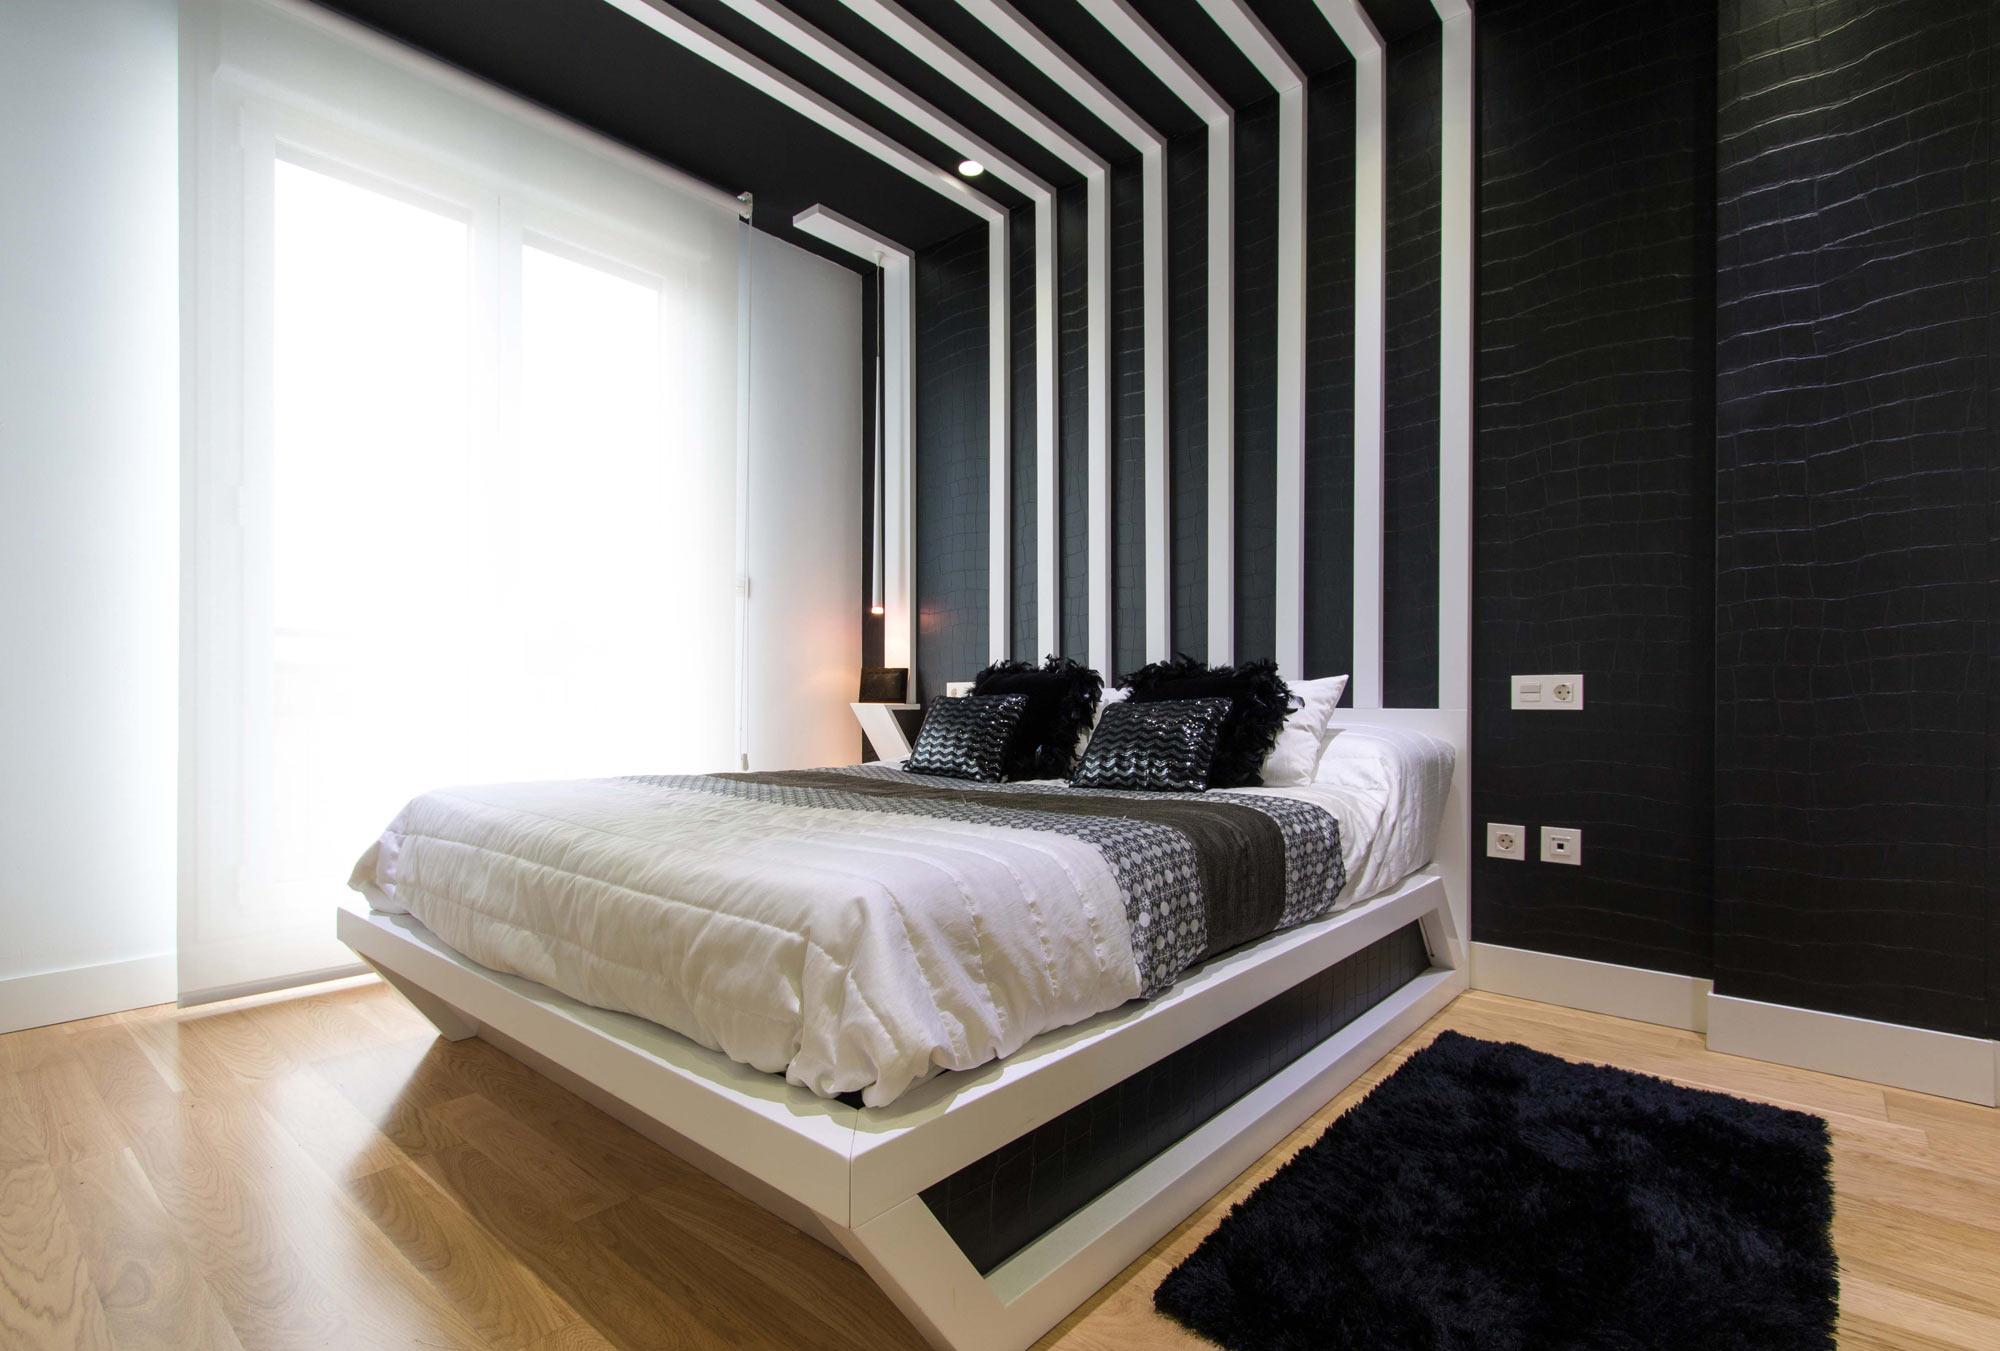 Adosado estilo n rdico interdecor bilbao - Dormitorios blanco y negro ...